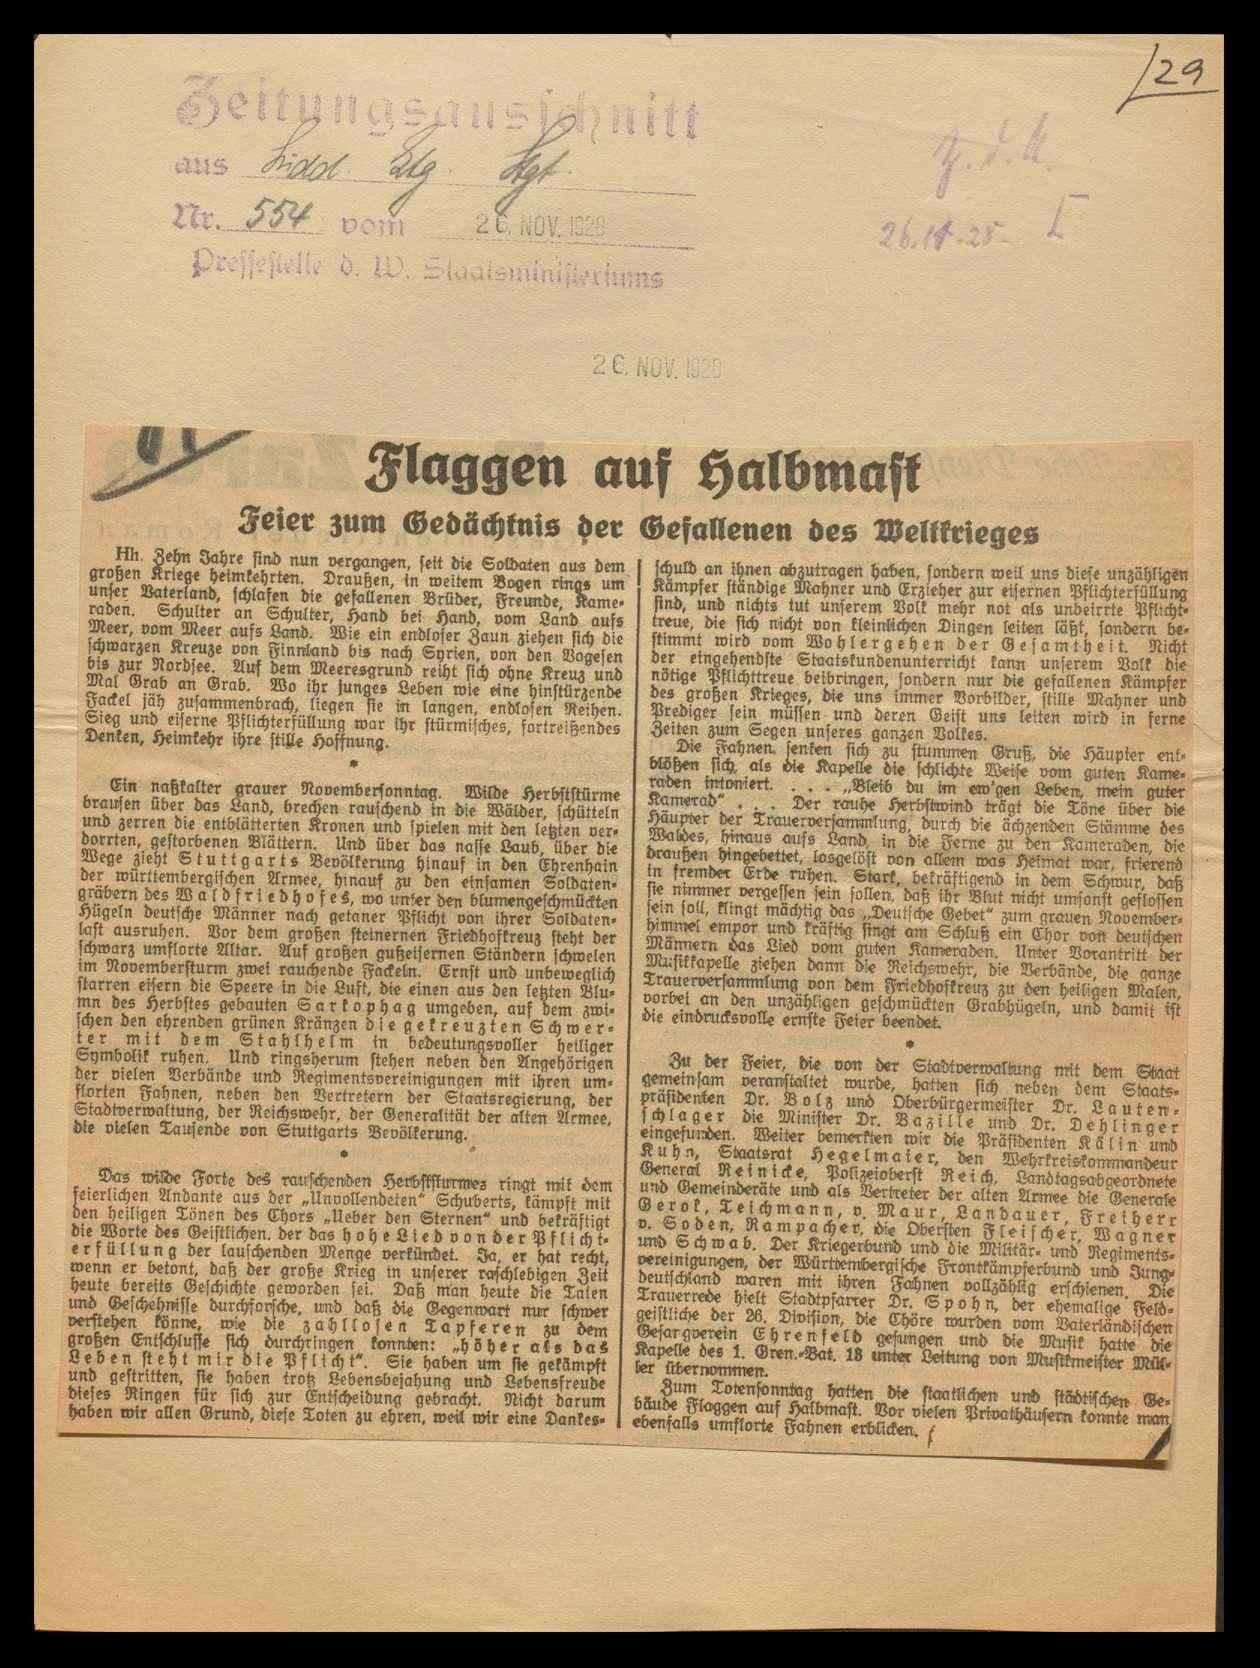 Veranstaltung von Gefallenengedenkfeiern im Reich und in Württemberg, besonders in Stuttgart, chronologisch geordnet, Bild 3